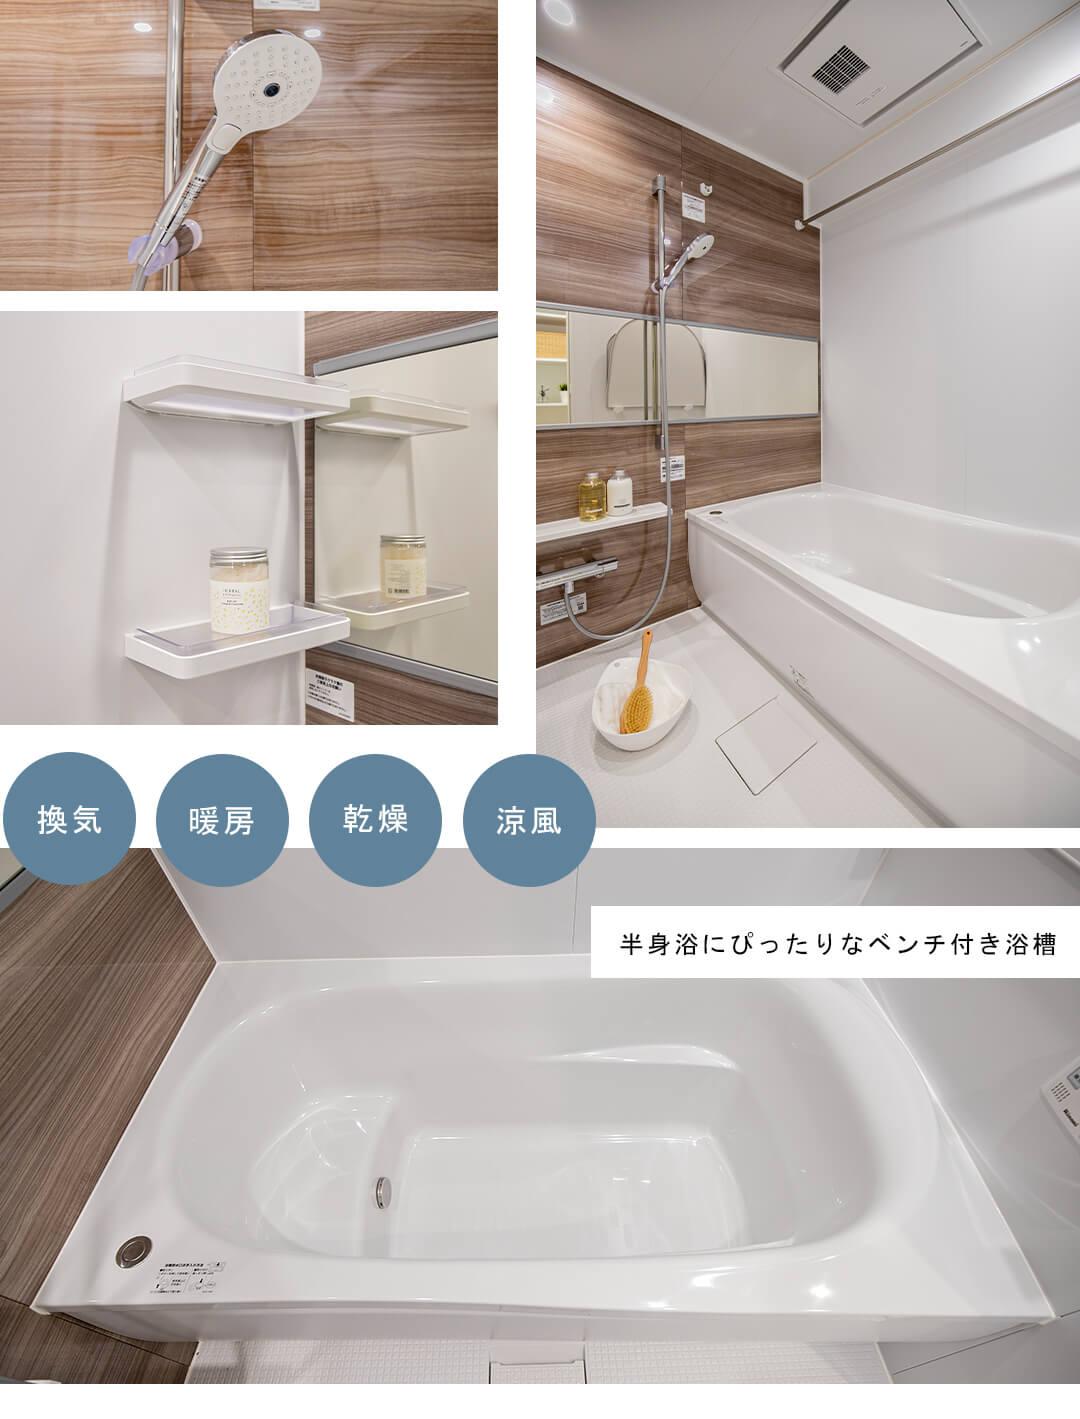 落合パークファミリアの浴室